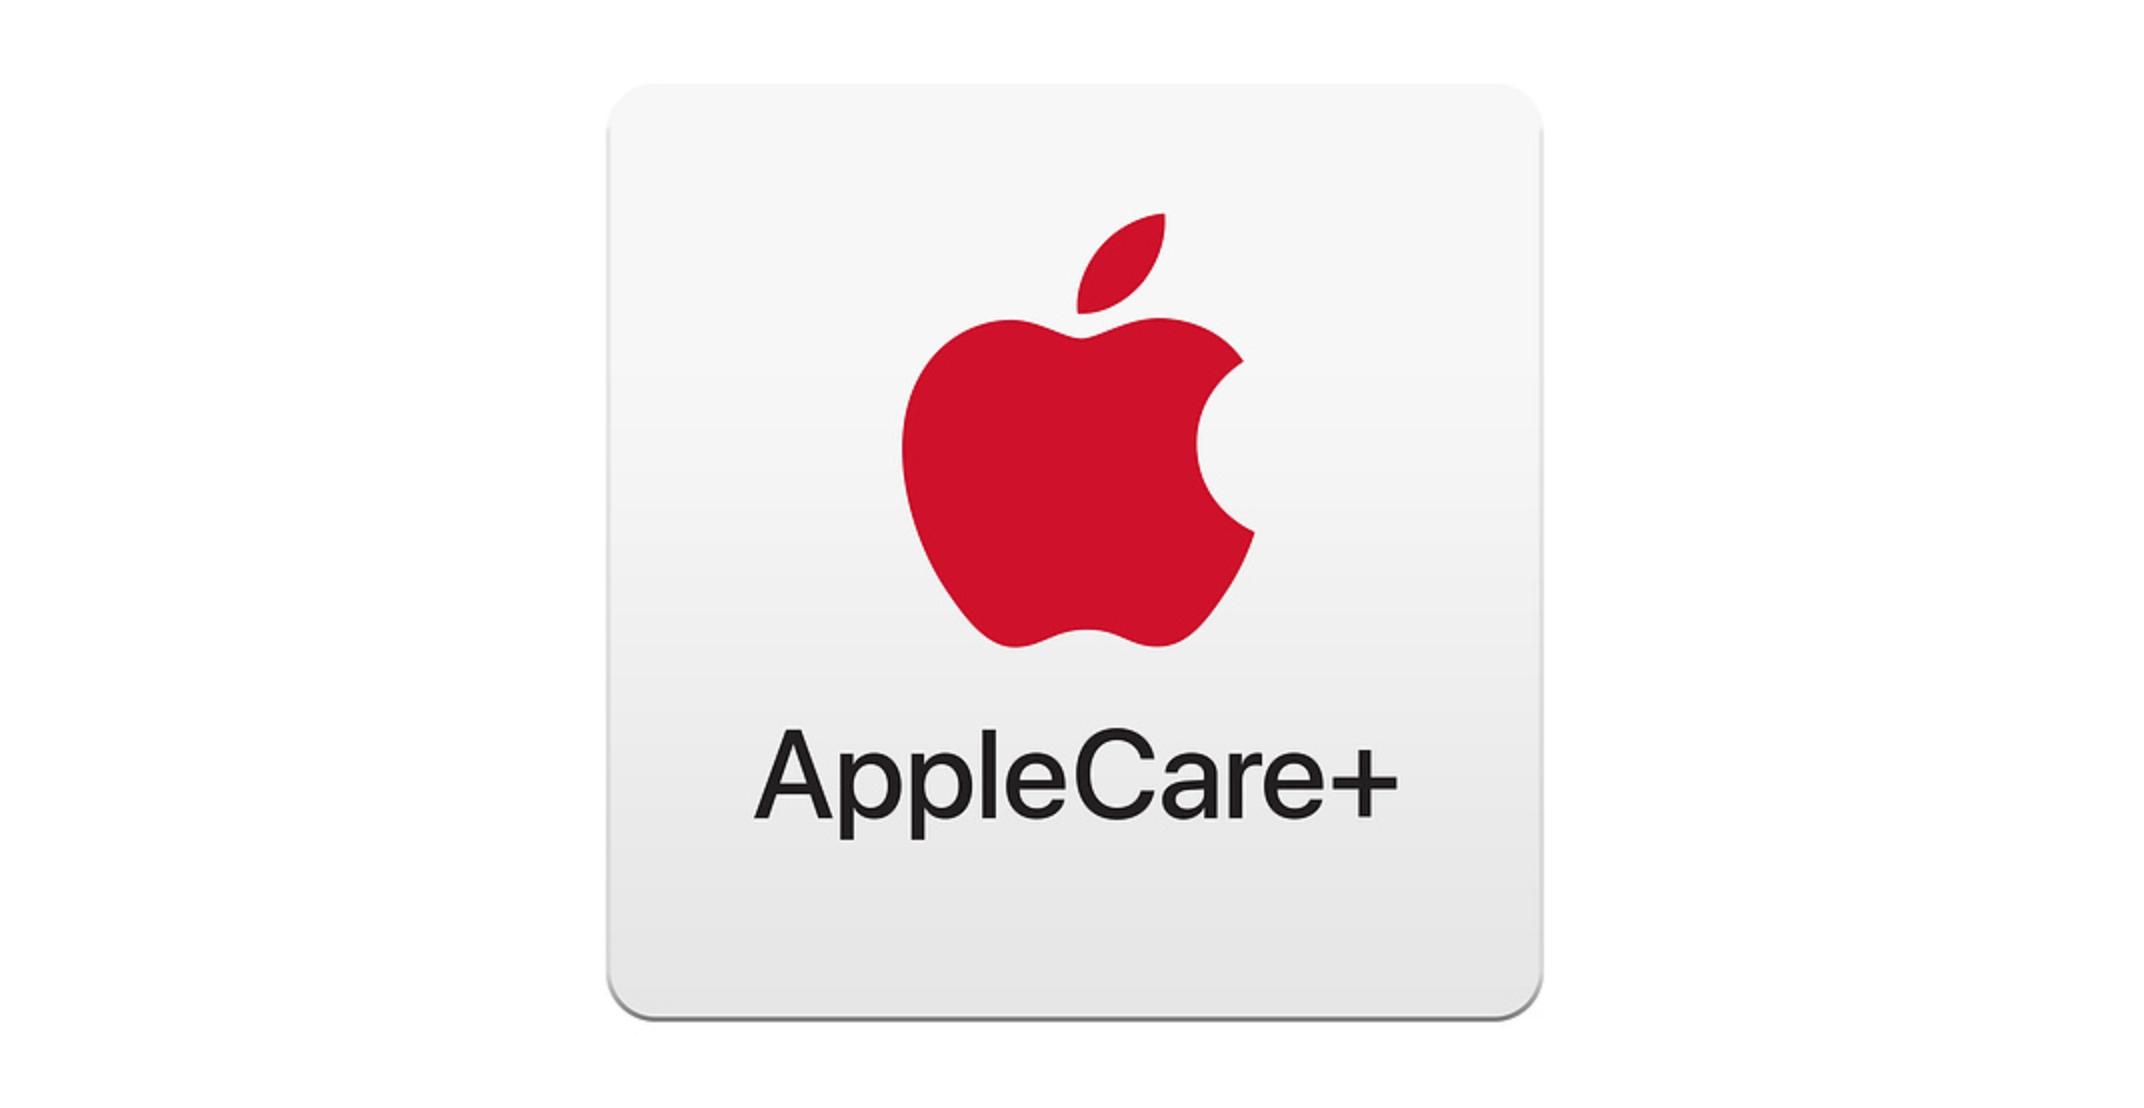 AppleCareの画像